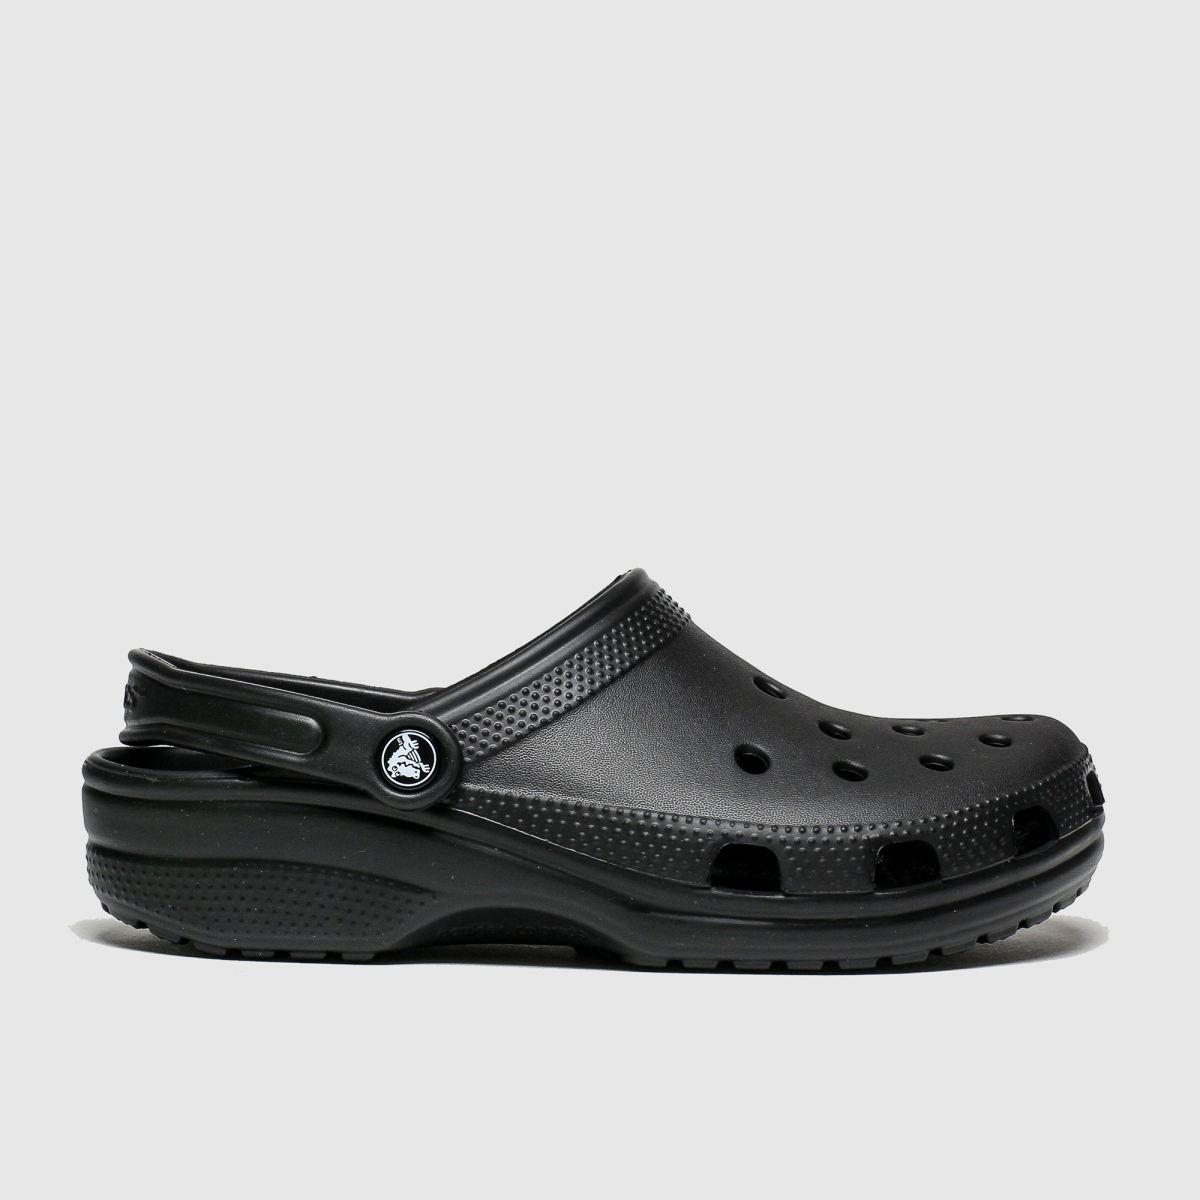 Crocs Crocs Black Classic Clog Sandals